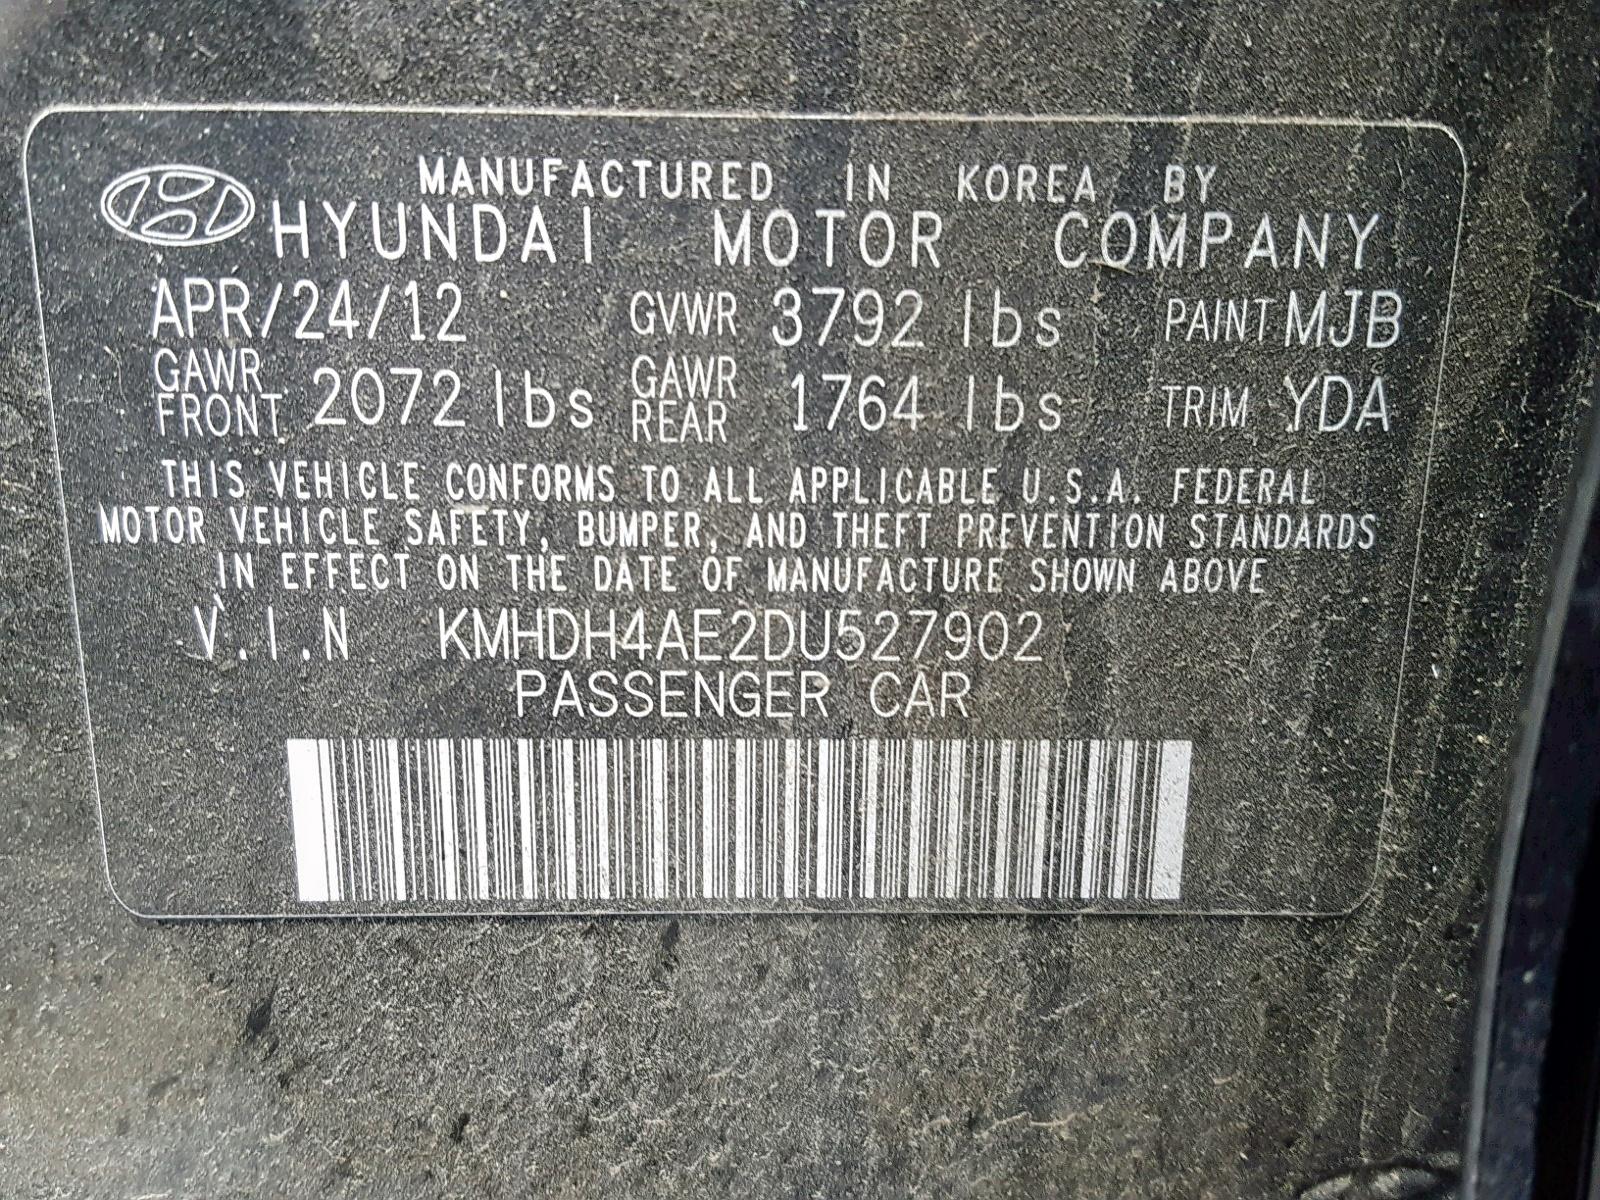 KMHDH4AE2DU527902 - 2013 Hyundai Elantra Gl 1.8L